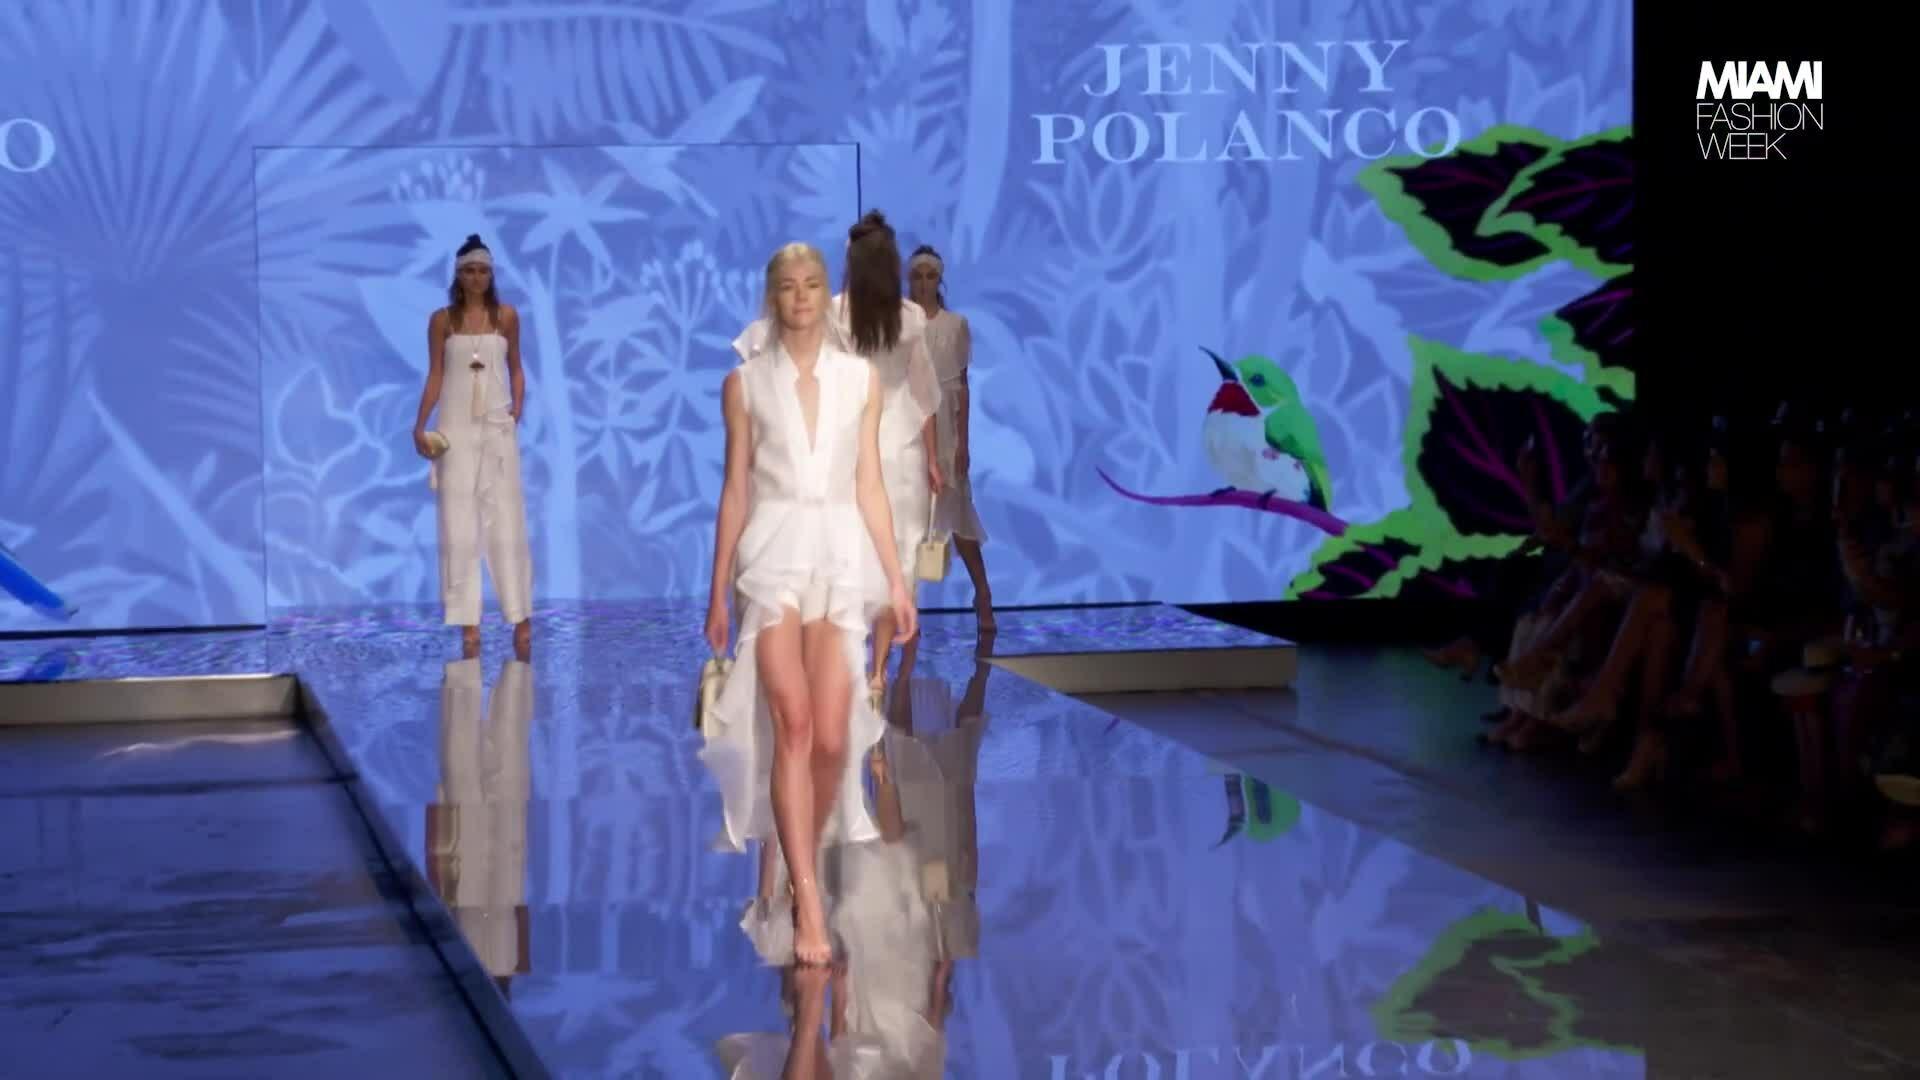 Jenny Polanco trình diễn bộ sưu tập tại tuần lễ thời trang Miami